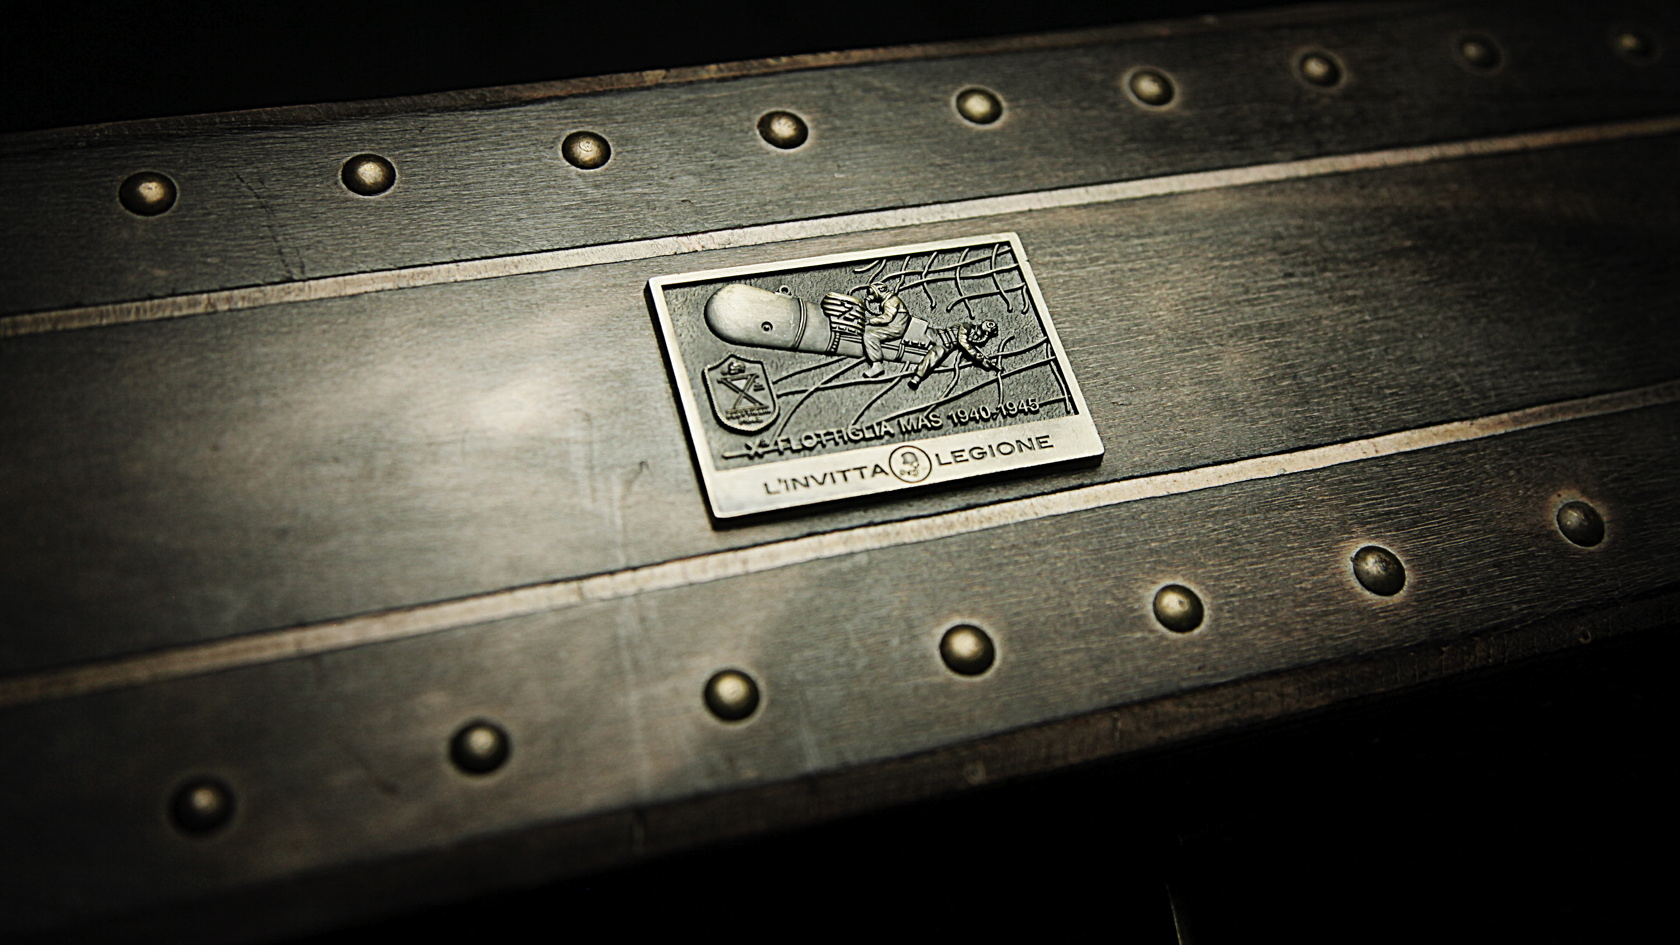 Flottiglia X M.A.S. metal tag